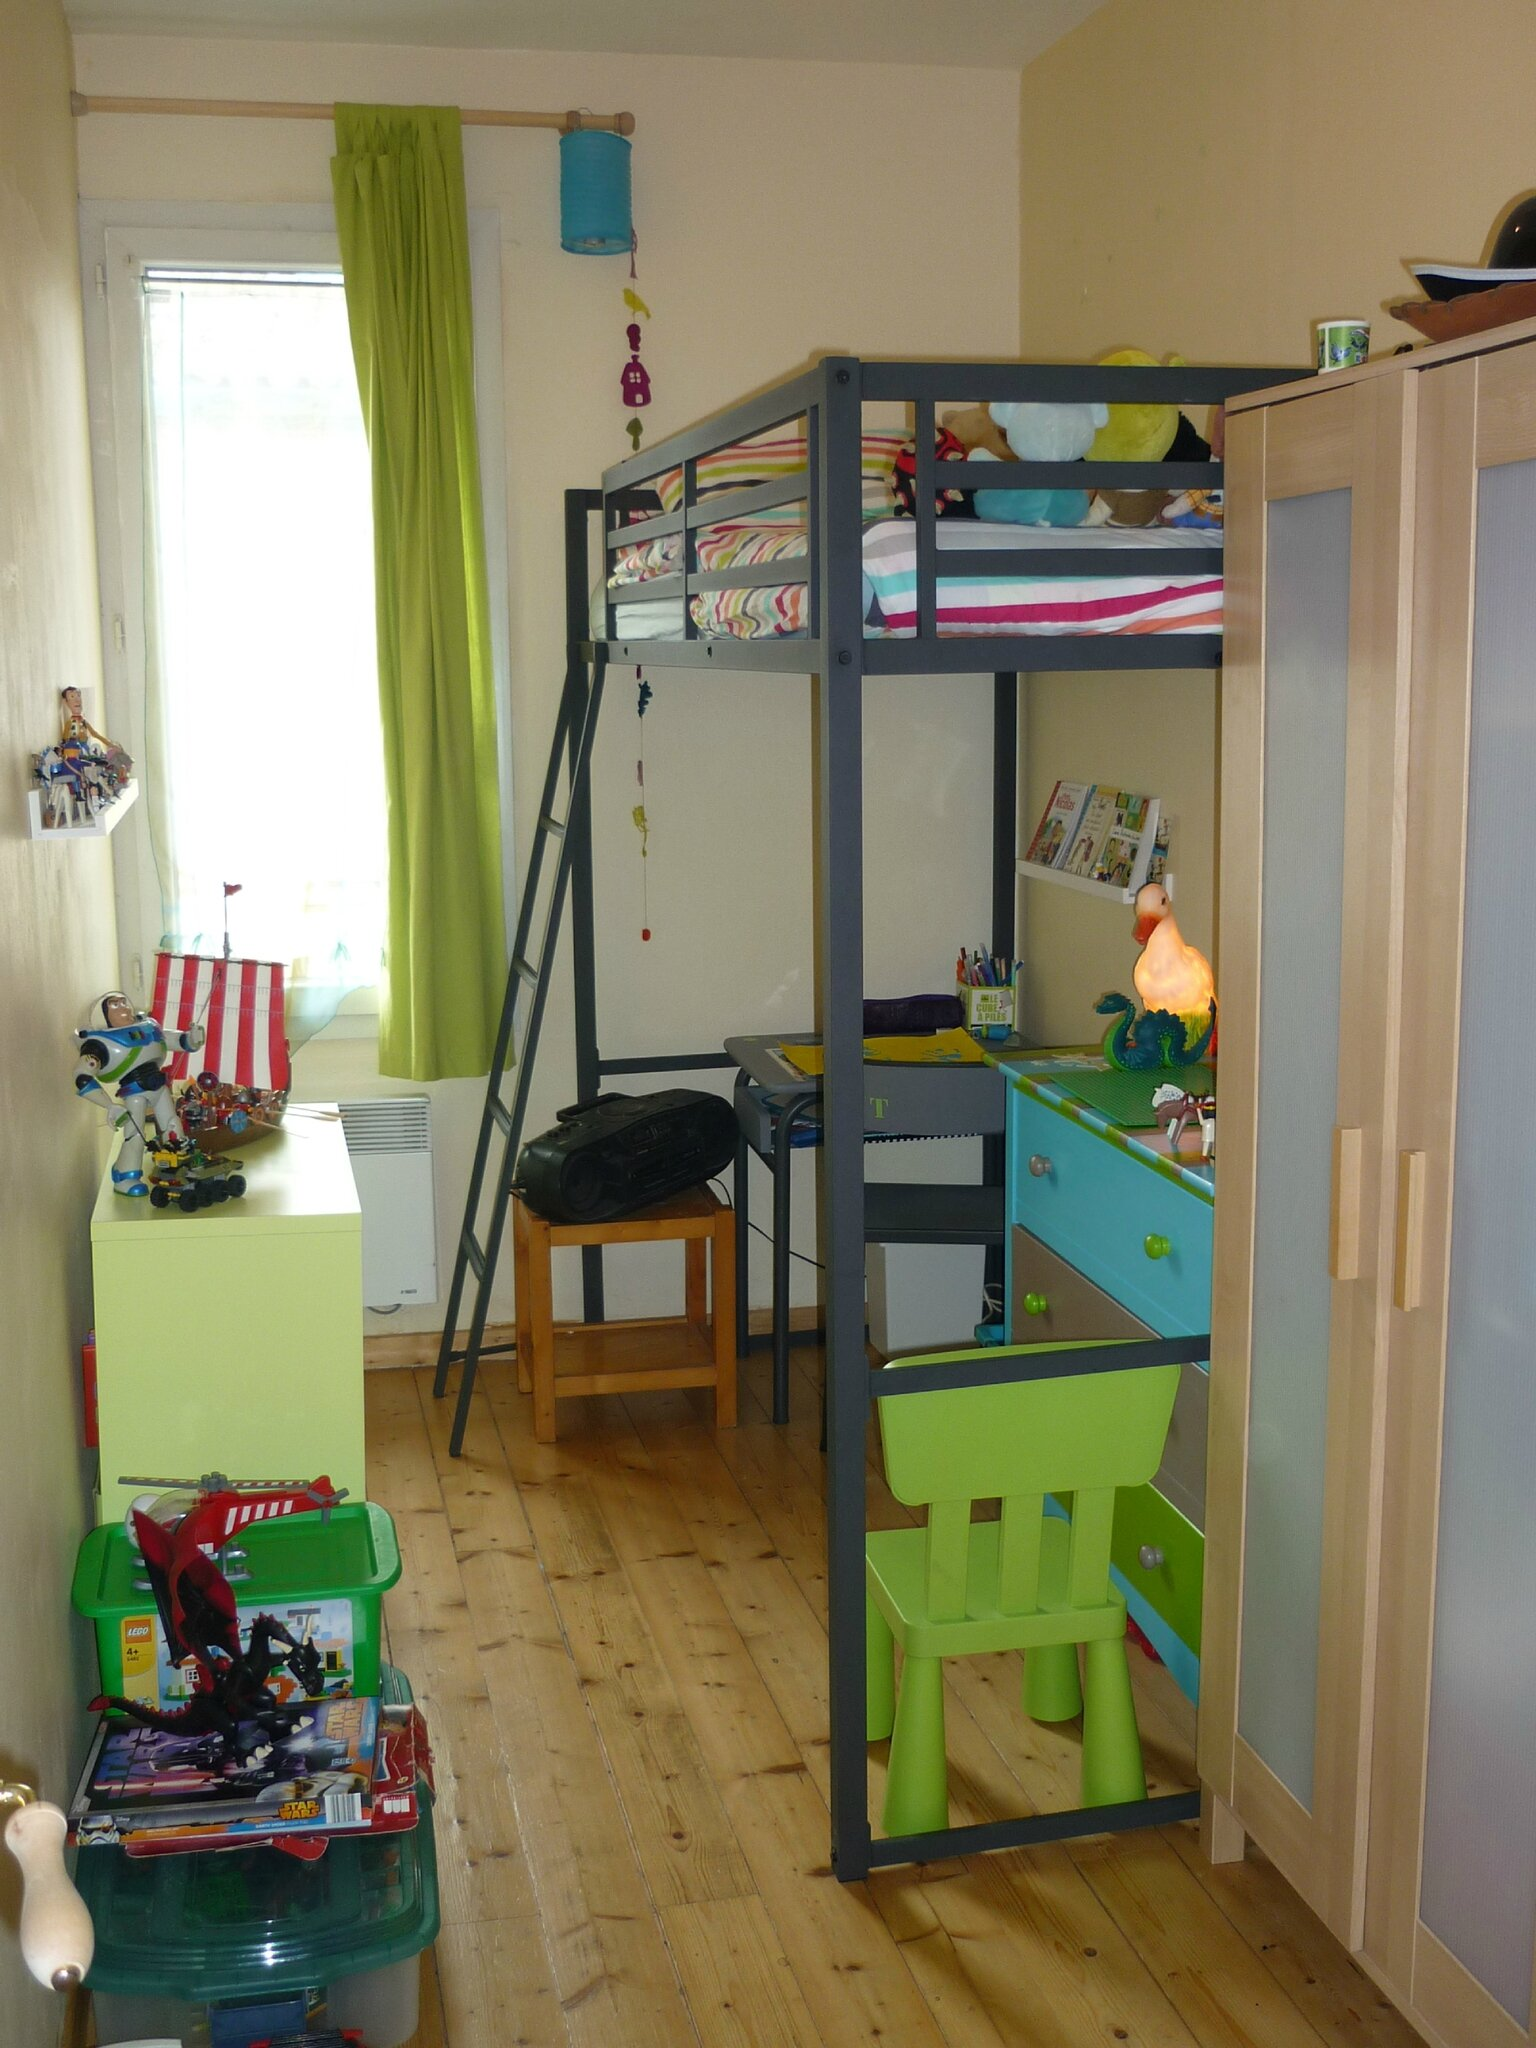 Comment optimiser l 39 espace d 39 une petite chambre carnet de couleurs - Amenagement petite chambre 9m2 ...